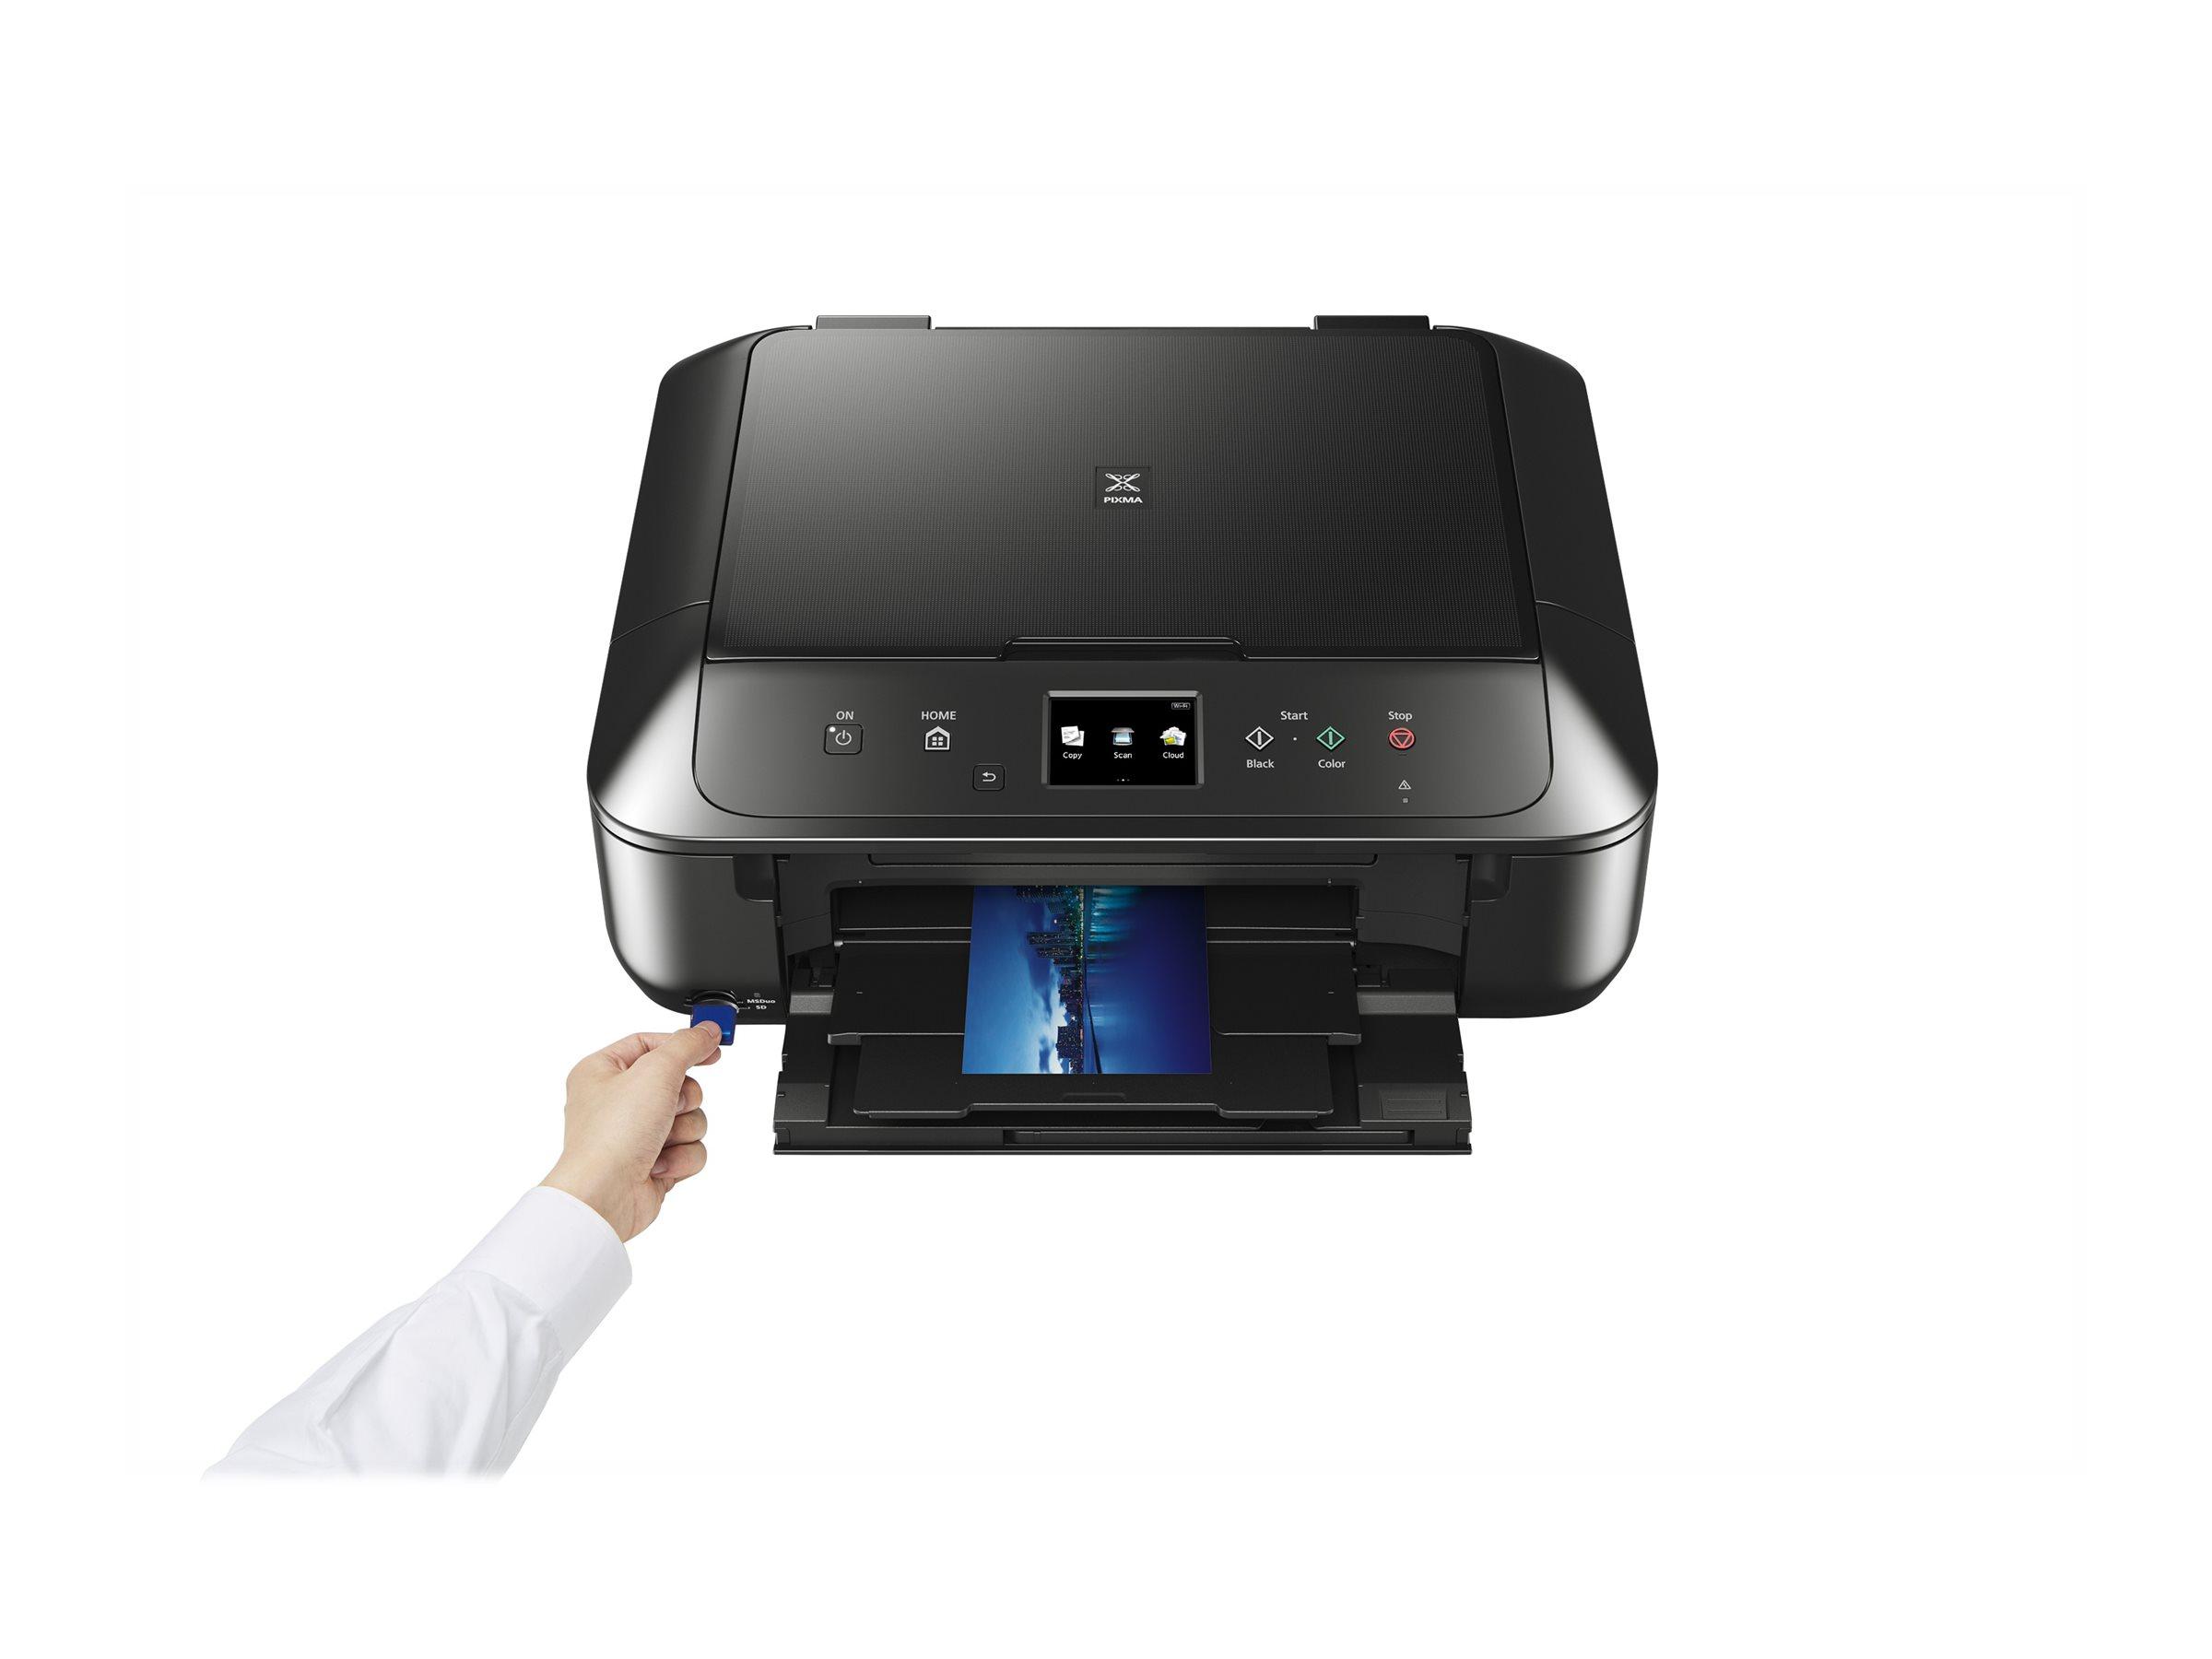 canon pixma mg6850 imprimante multifonctions couleur imprimantes jet d 39 encre. Black Bedroom Furniture Sets. Home Design Ideas